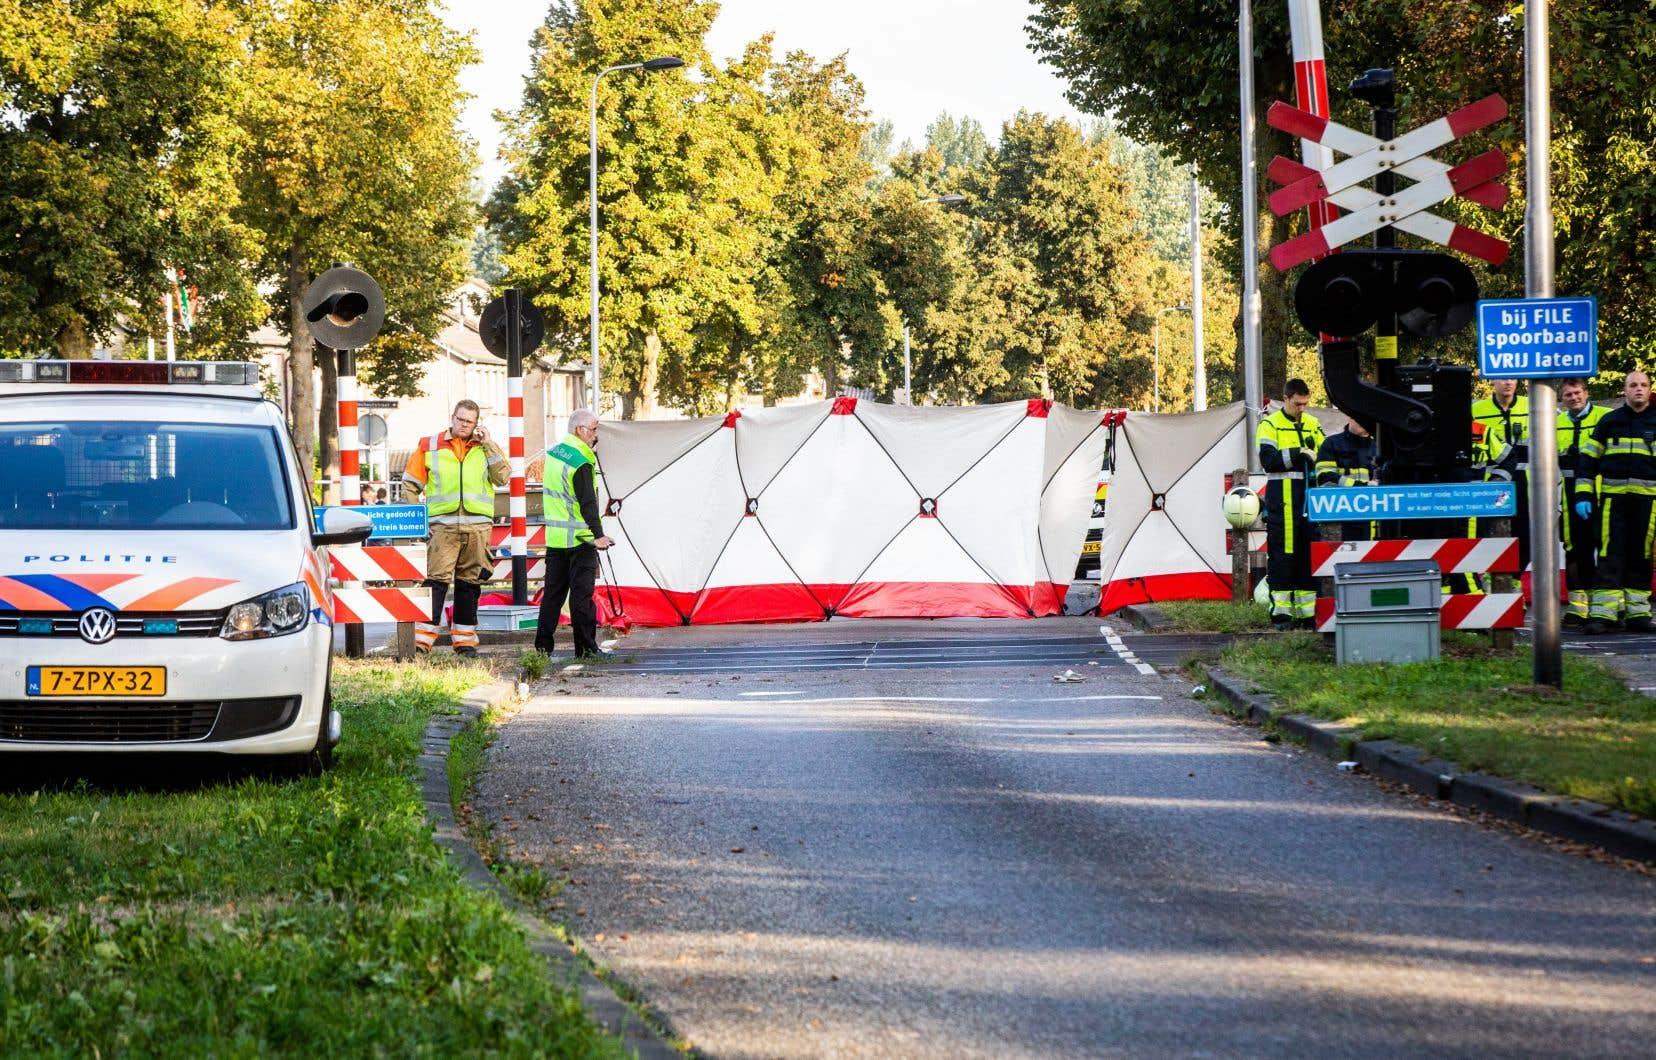 Les drapeaux sont en berne dans la ville d'Ossoù, pour des raisons encore inconnues, le vélo triporteur a été heurté avec cinq enfants à son bord par un train de type TER sur un passage à niveau gardé.